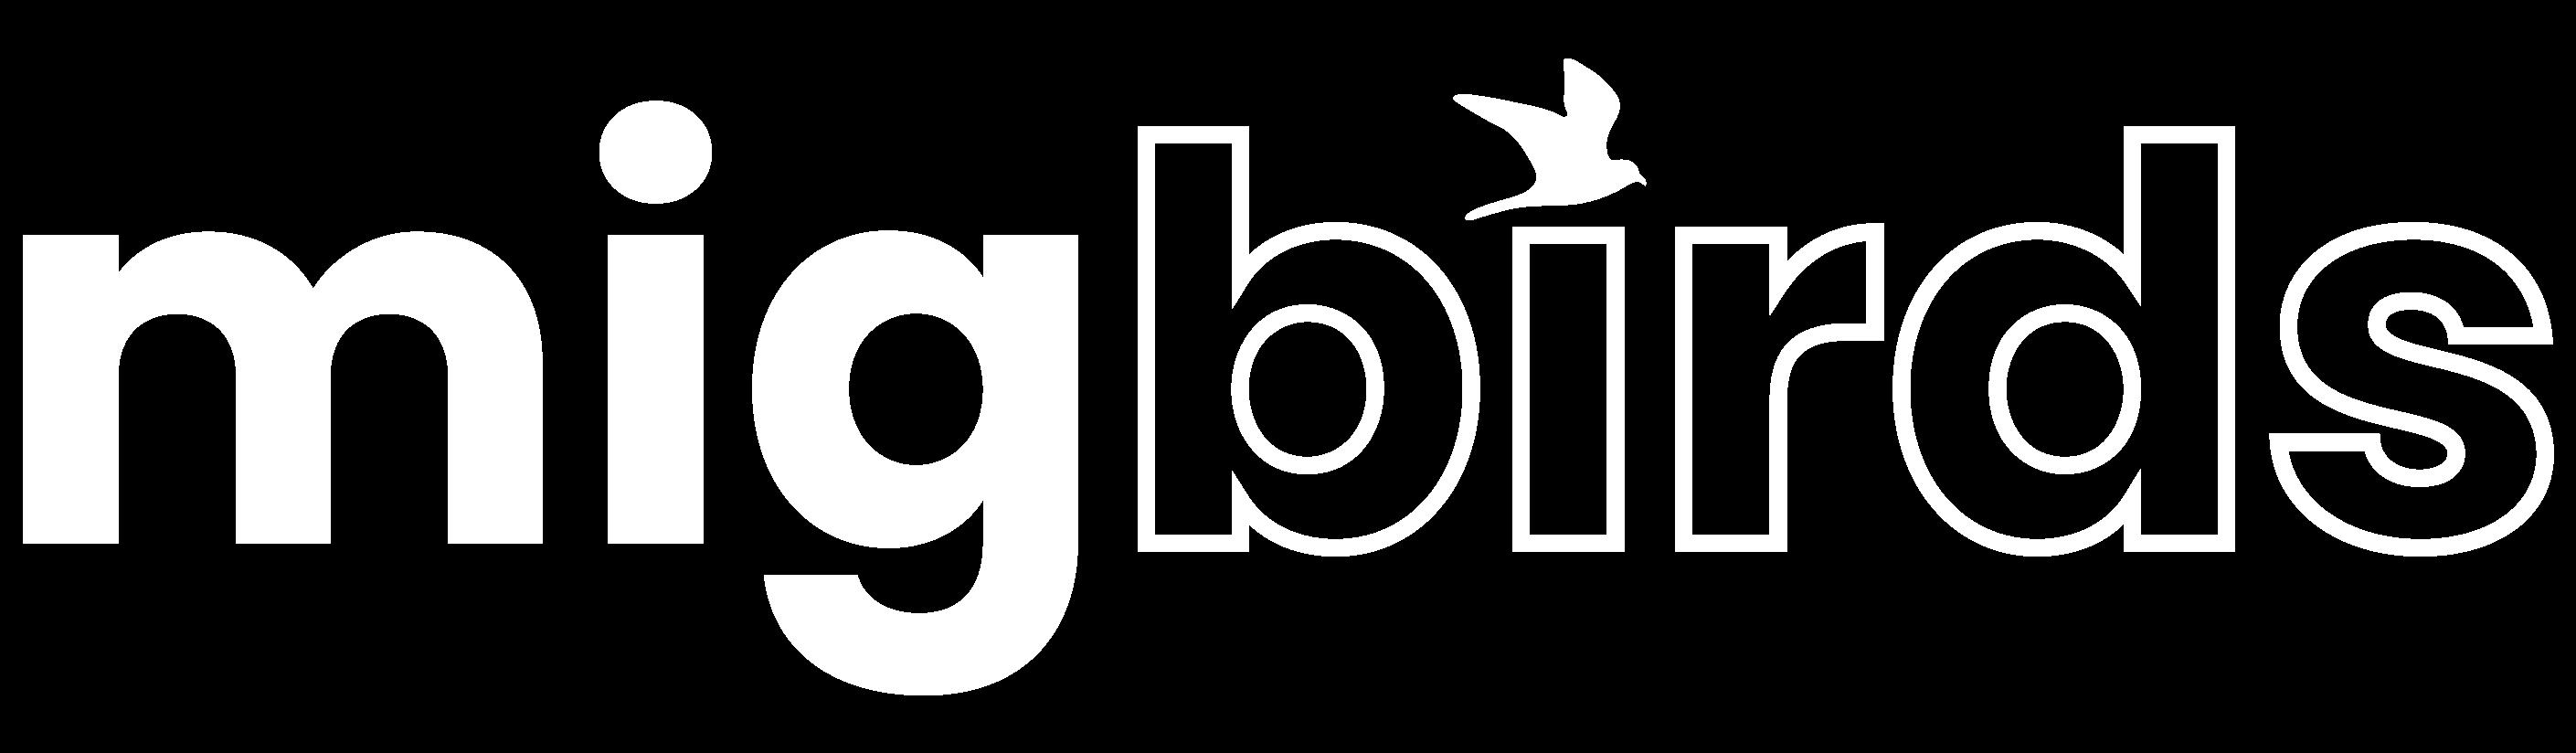 Migbirds